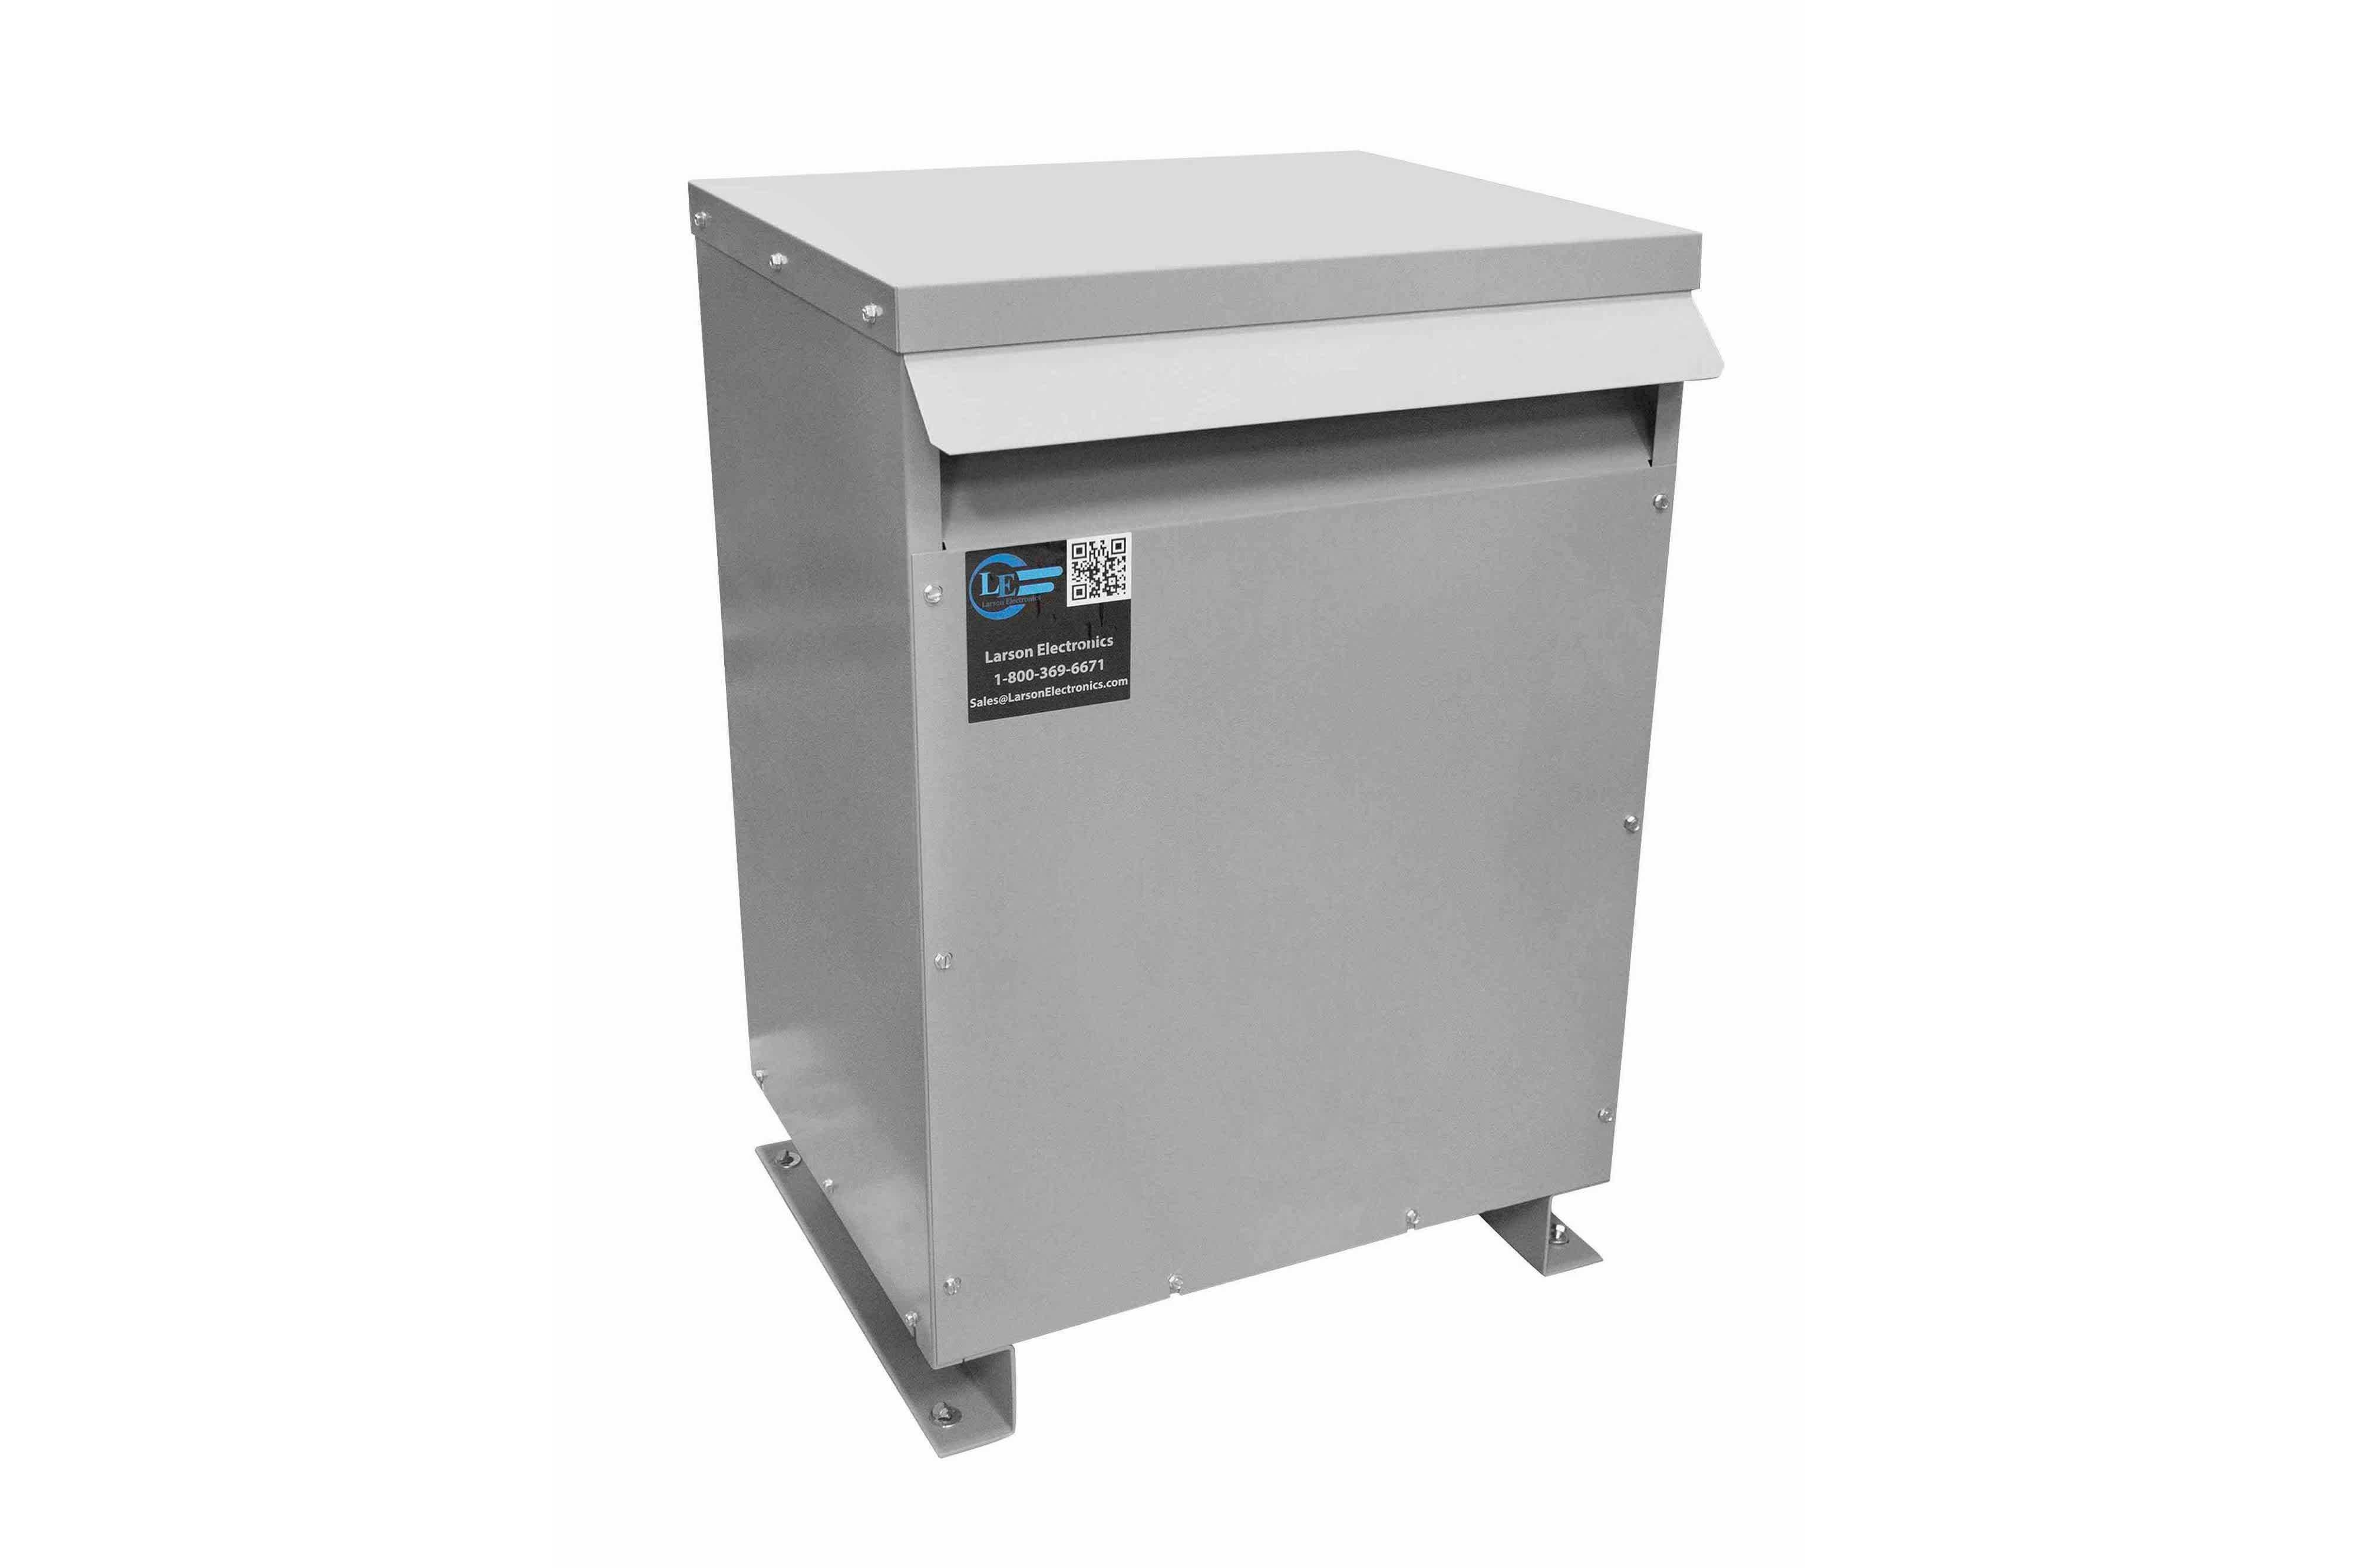 175 kVA 3PH Isolation Transformer, 400V Delta Primary, 240 Delta Secondary, N3R, Ventilated, 60 Hz